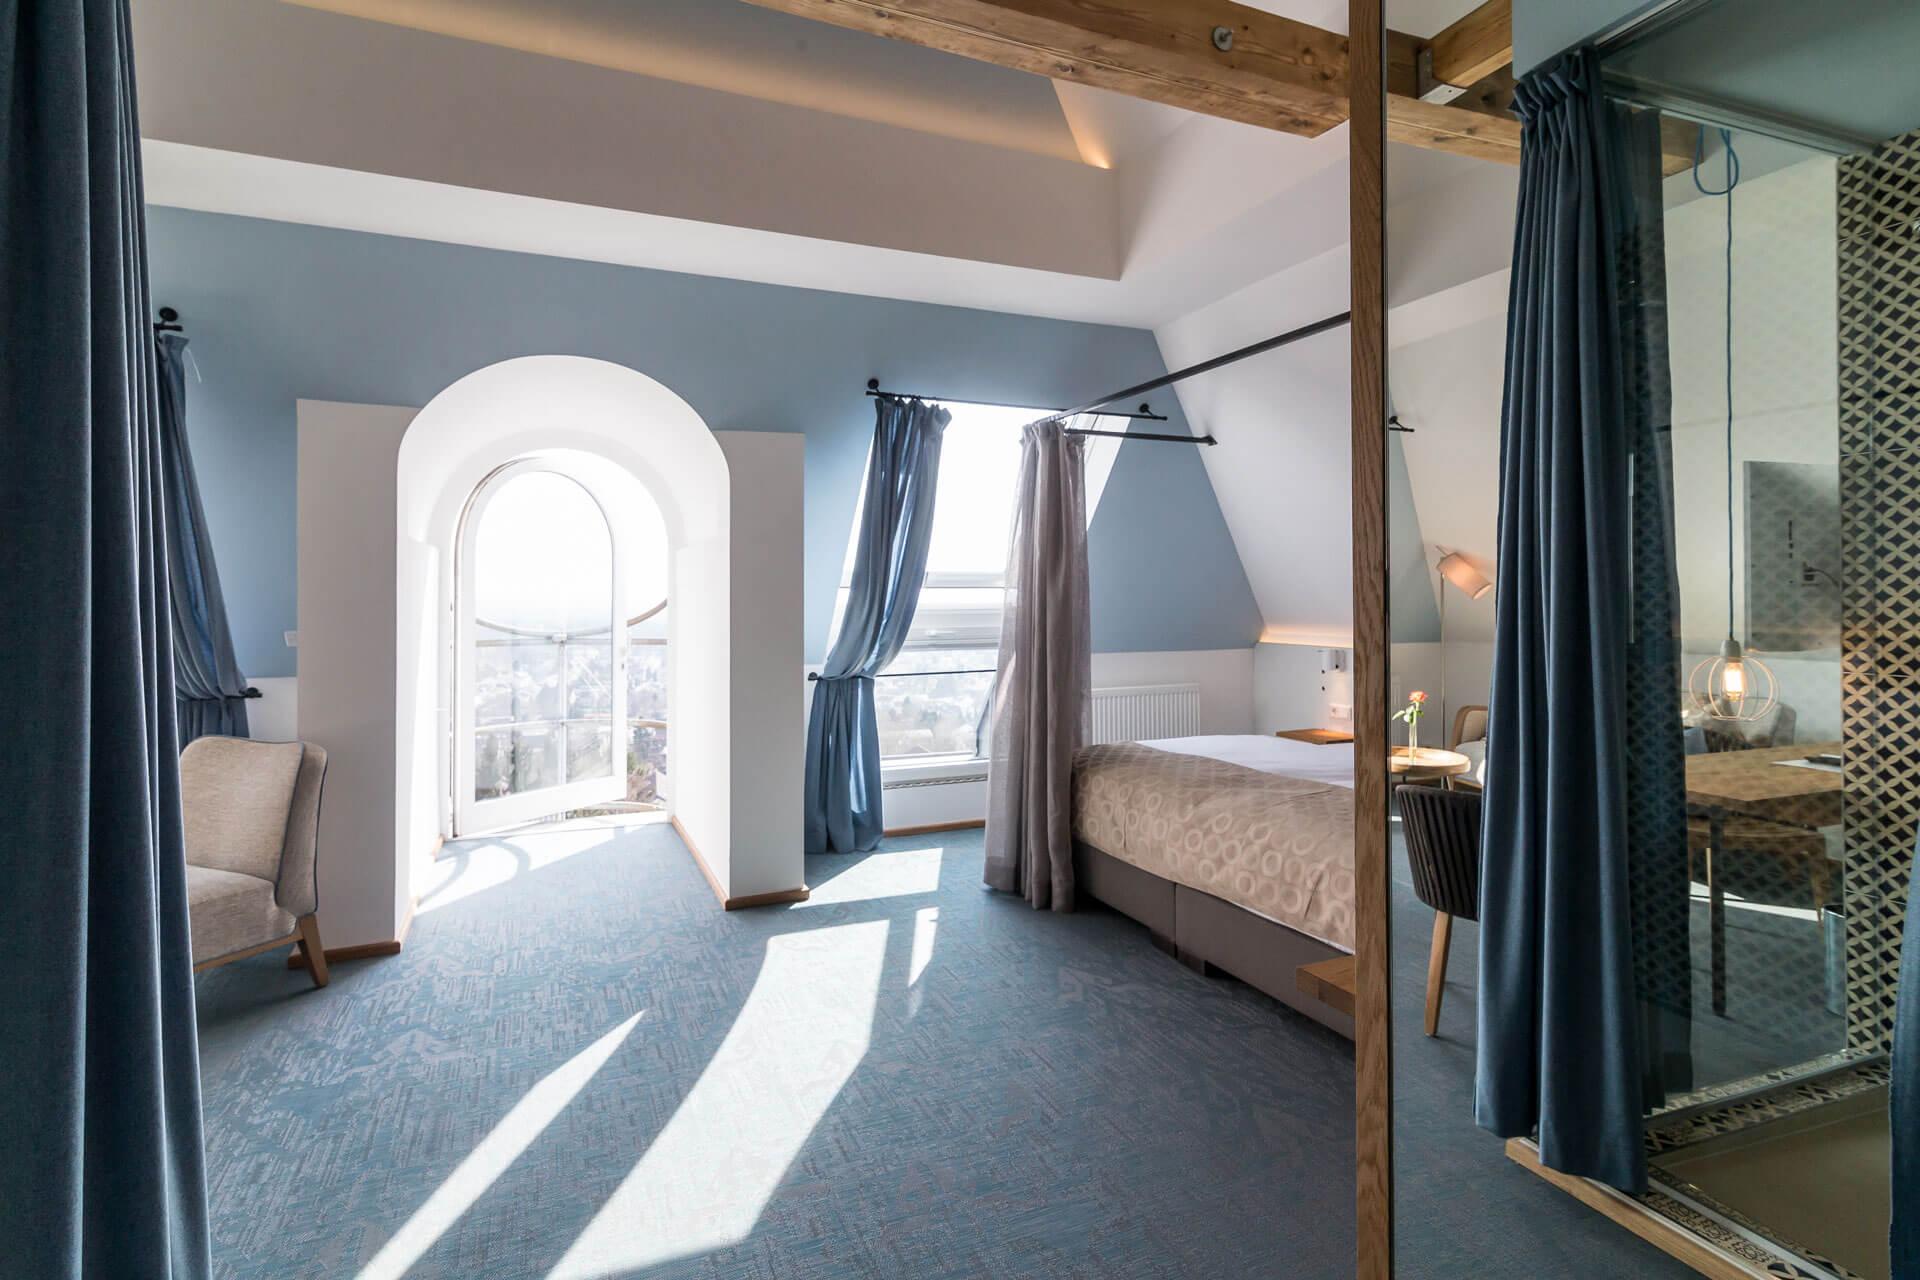 Zimmer Schone Aussicht Hotel Am Konigshof Gmbh